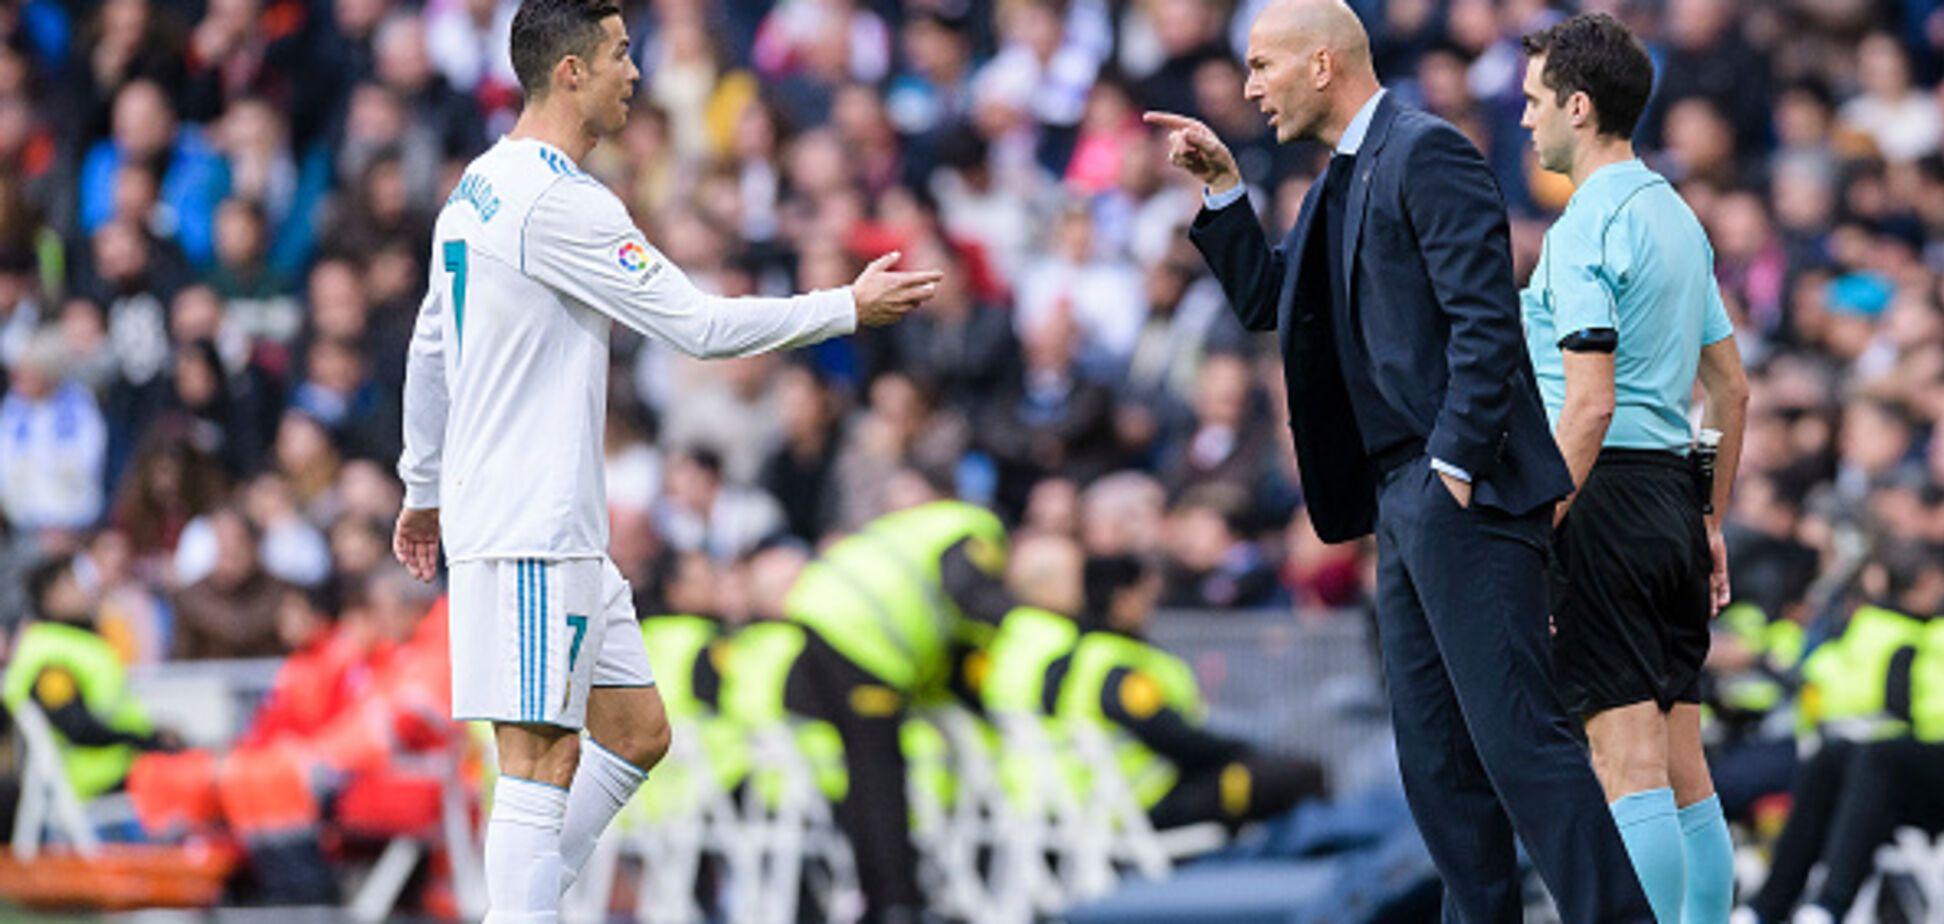 'Это позор и провал': легенду мирового футбола втоптали в грязь